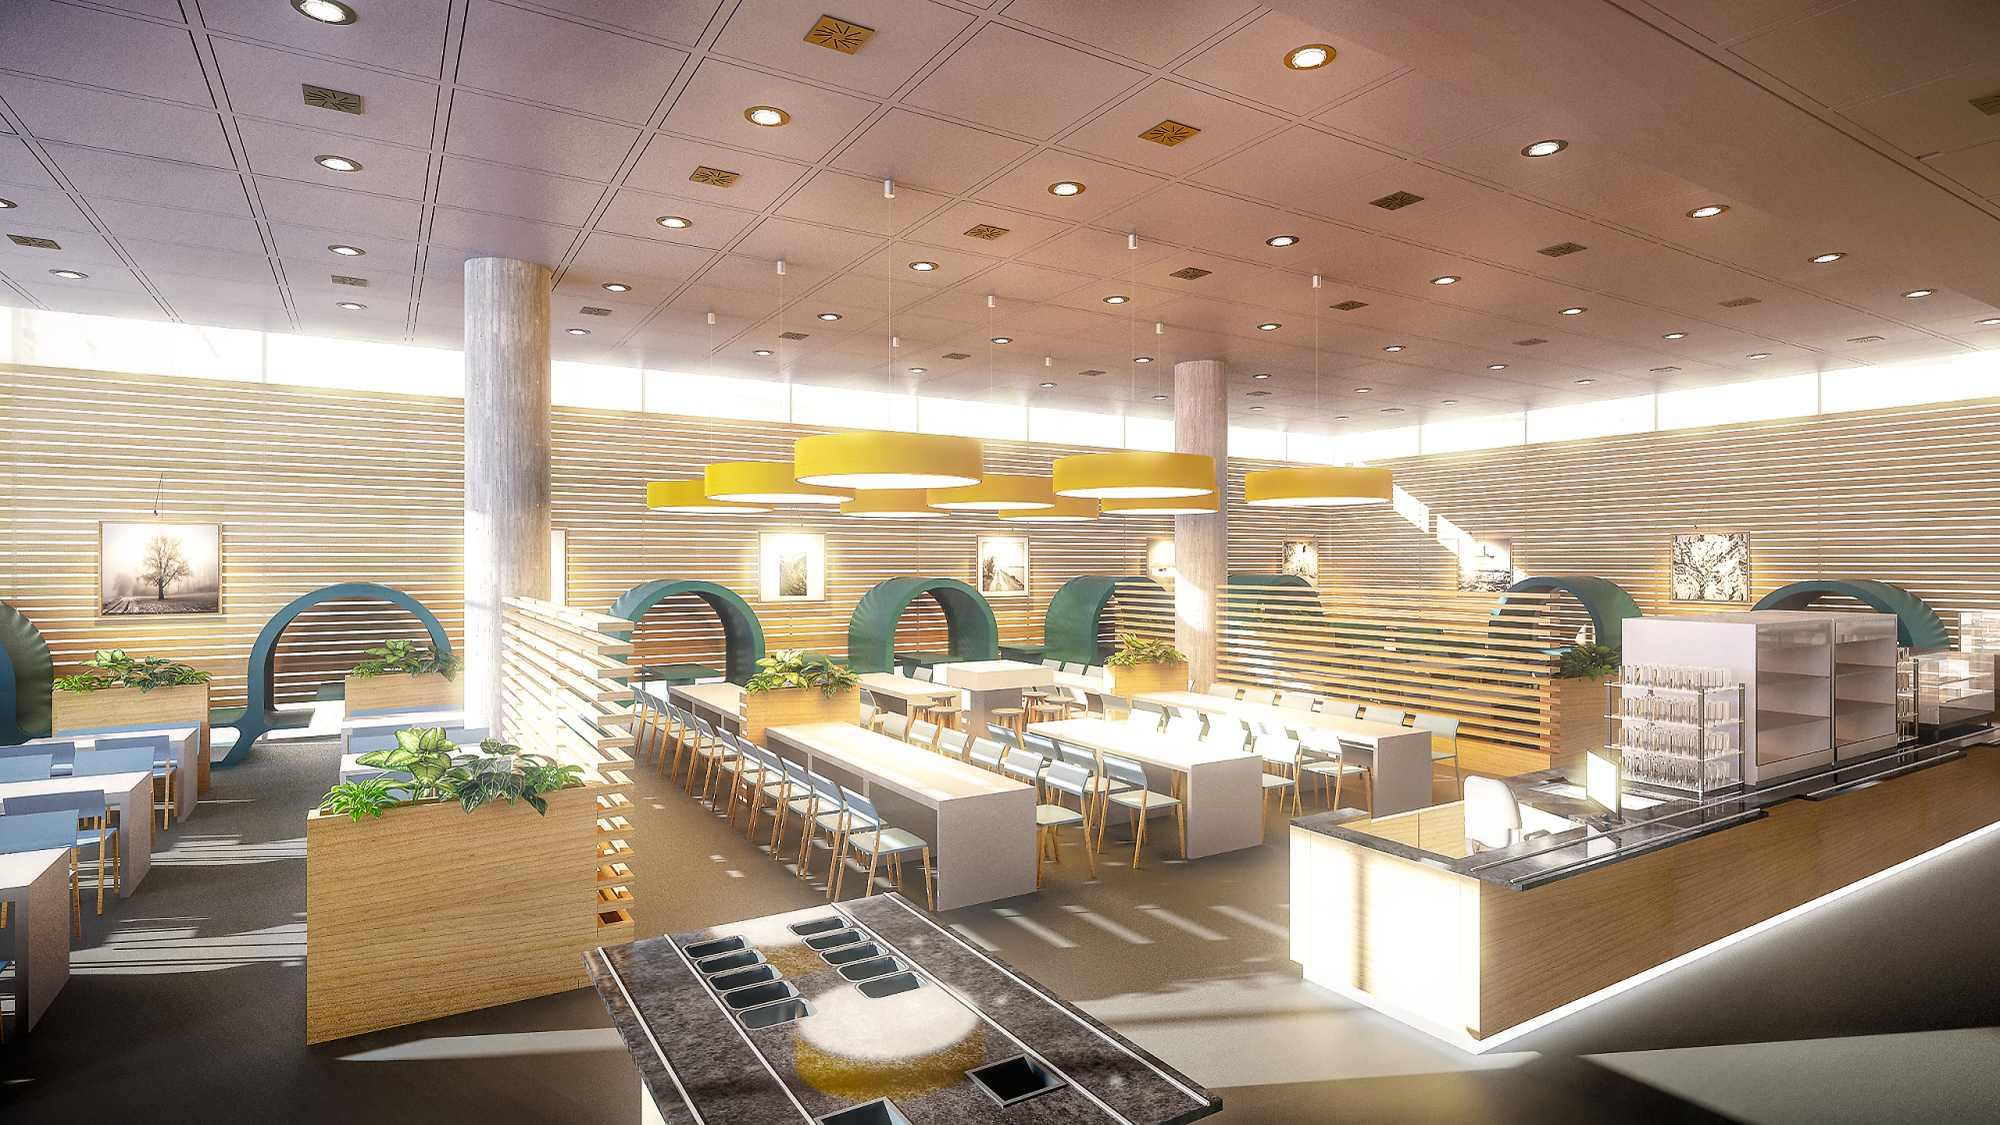 Flughafen MГјnchen Casino